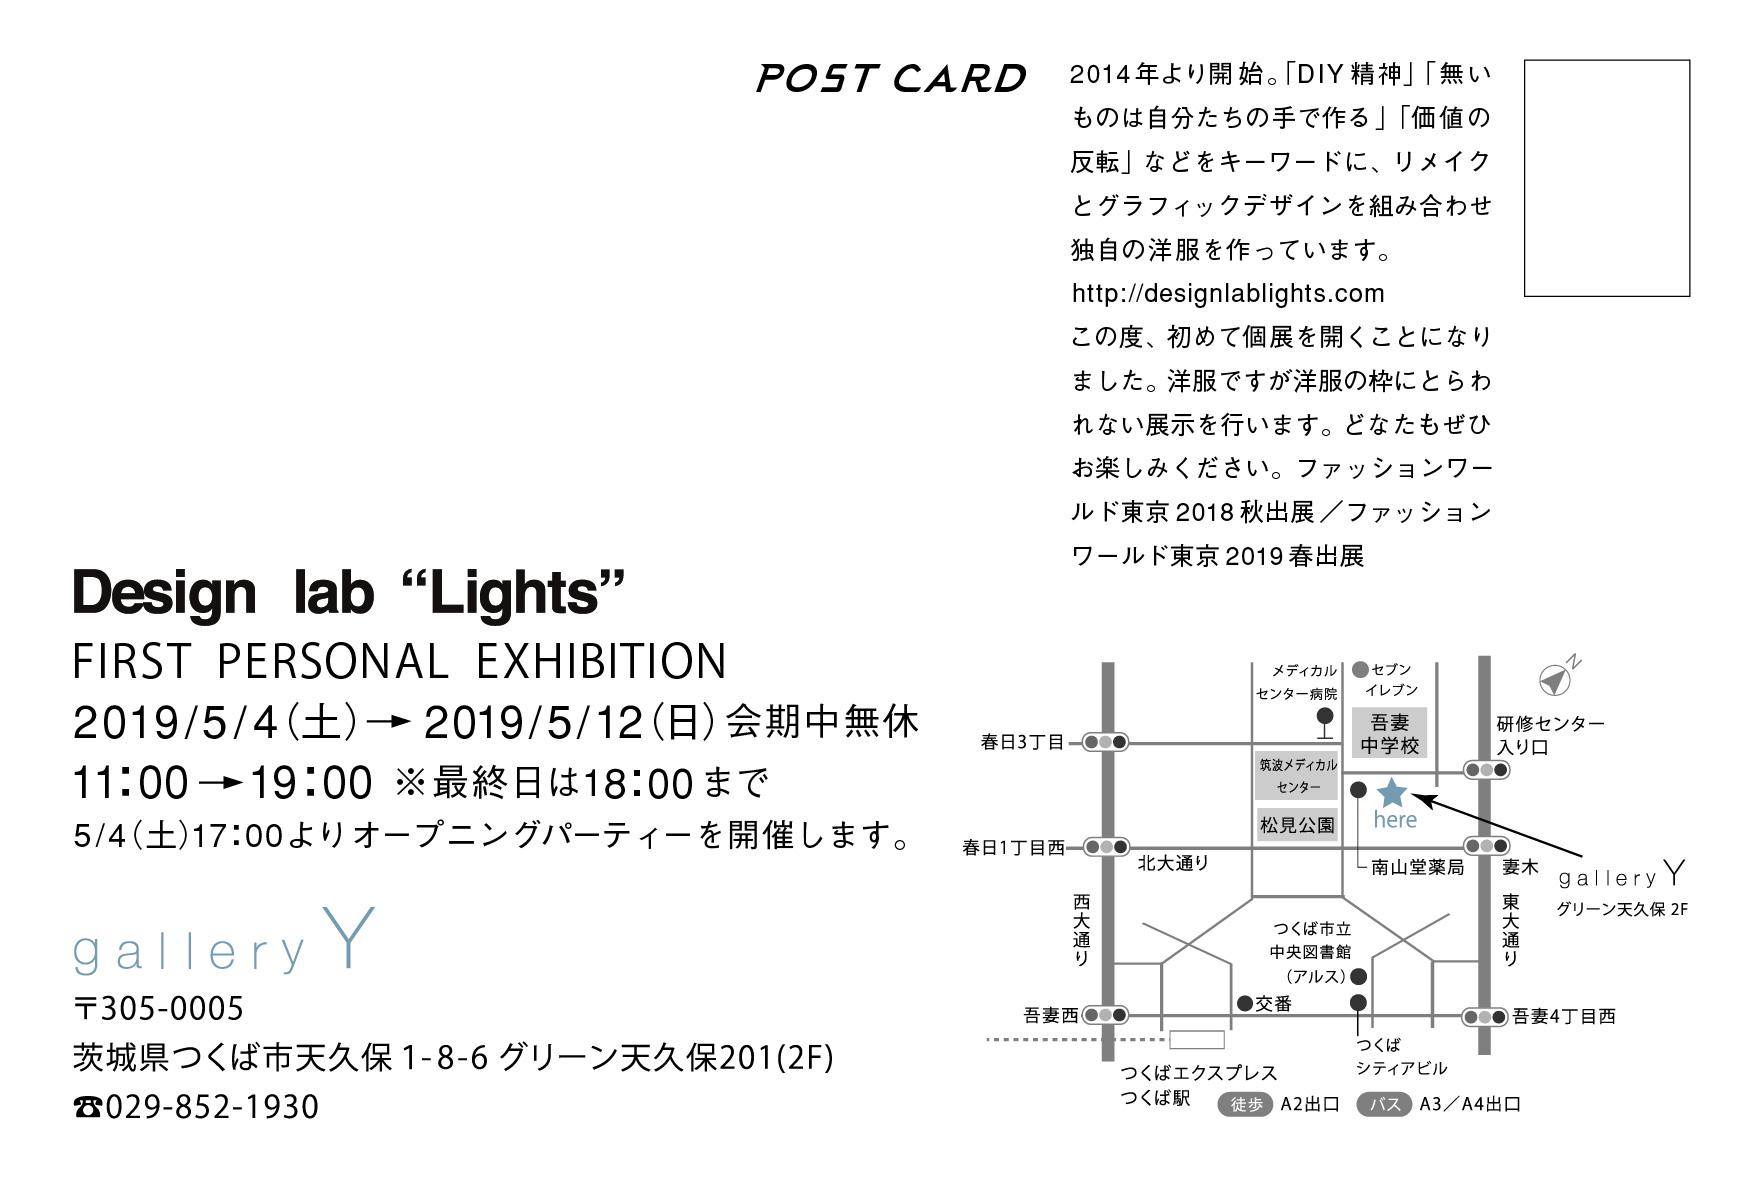 postcard_うら.jpg